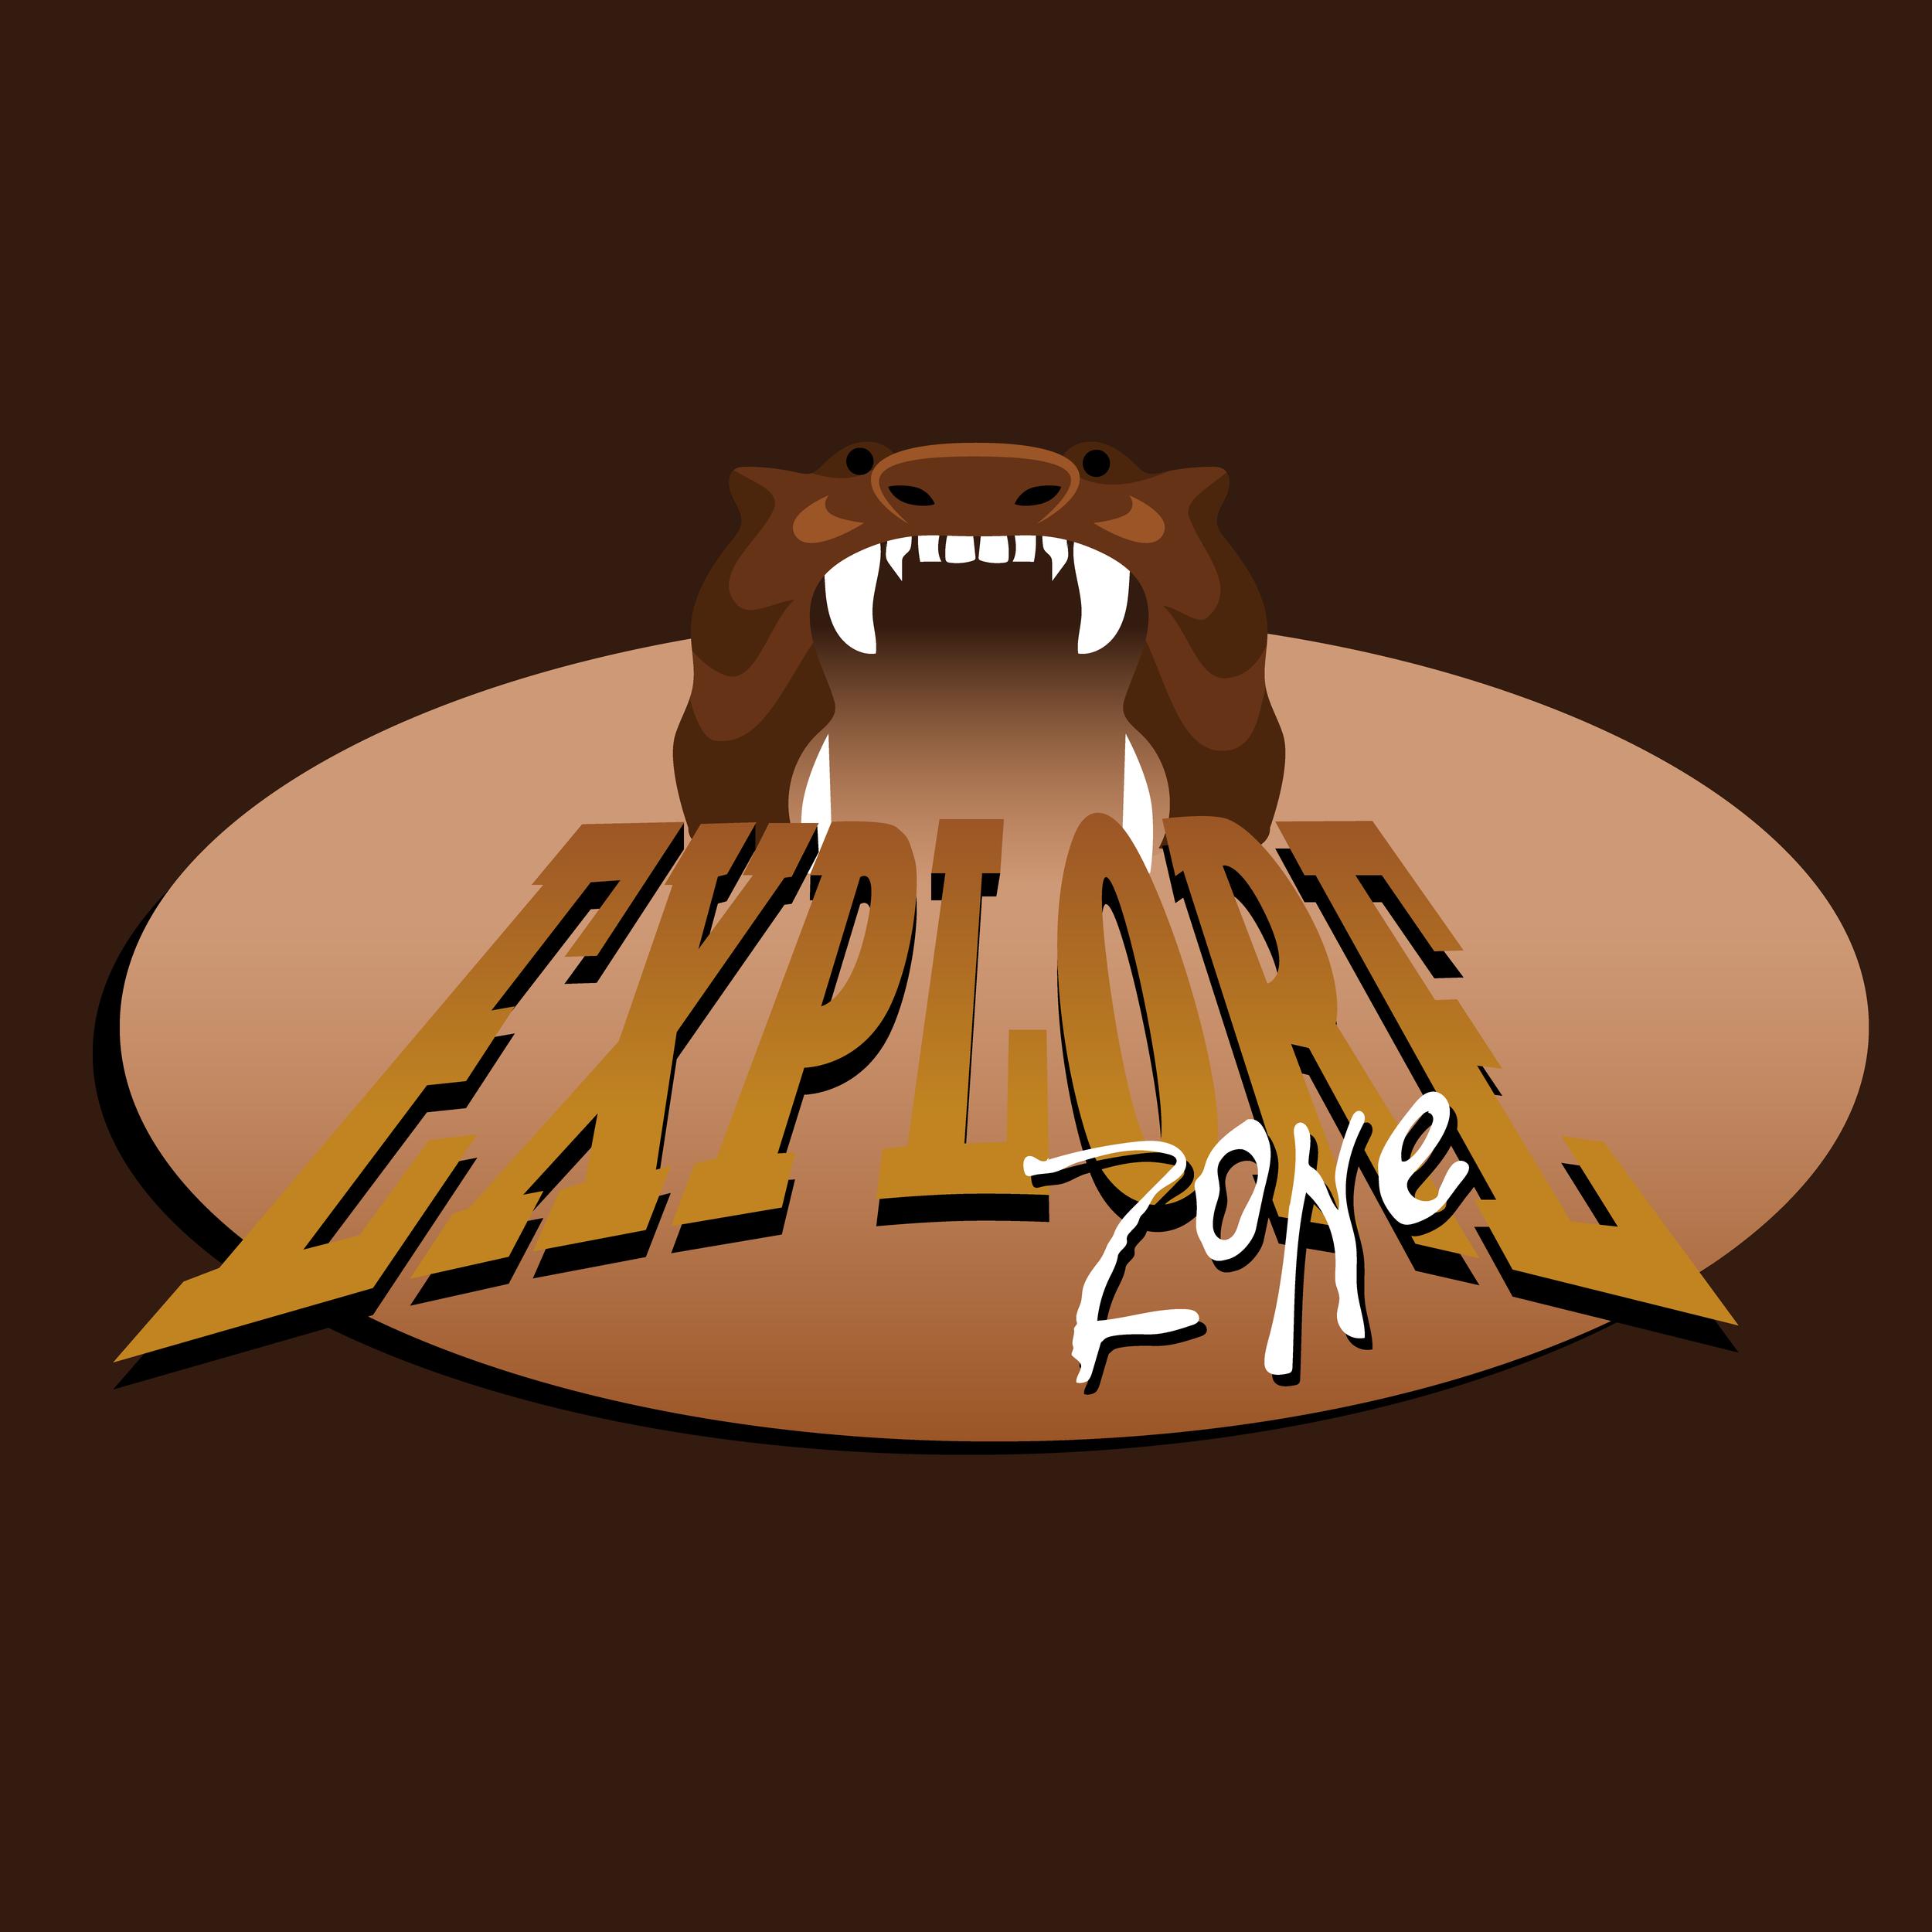 Explore Zone